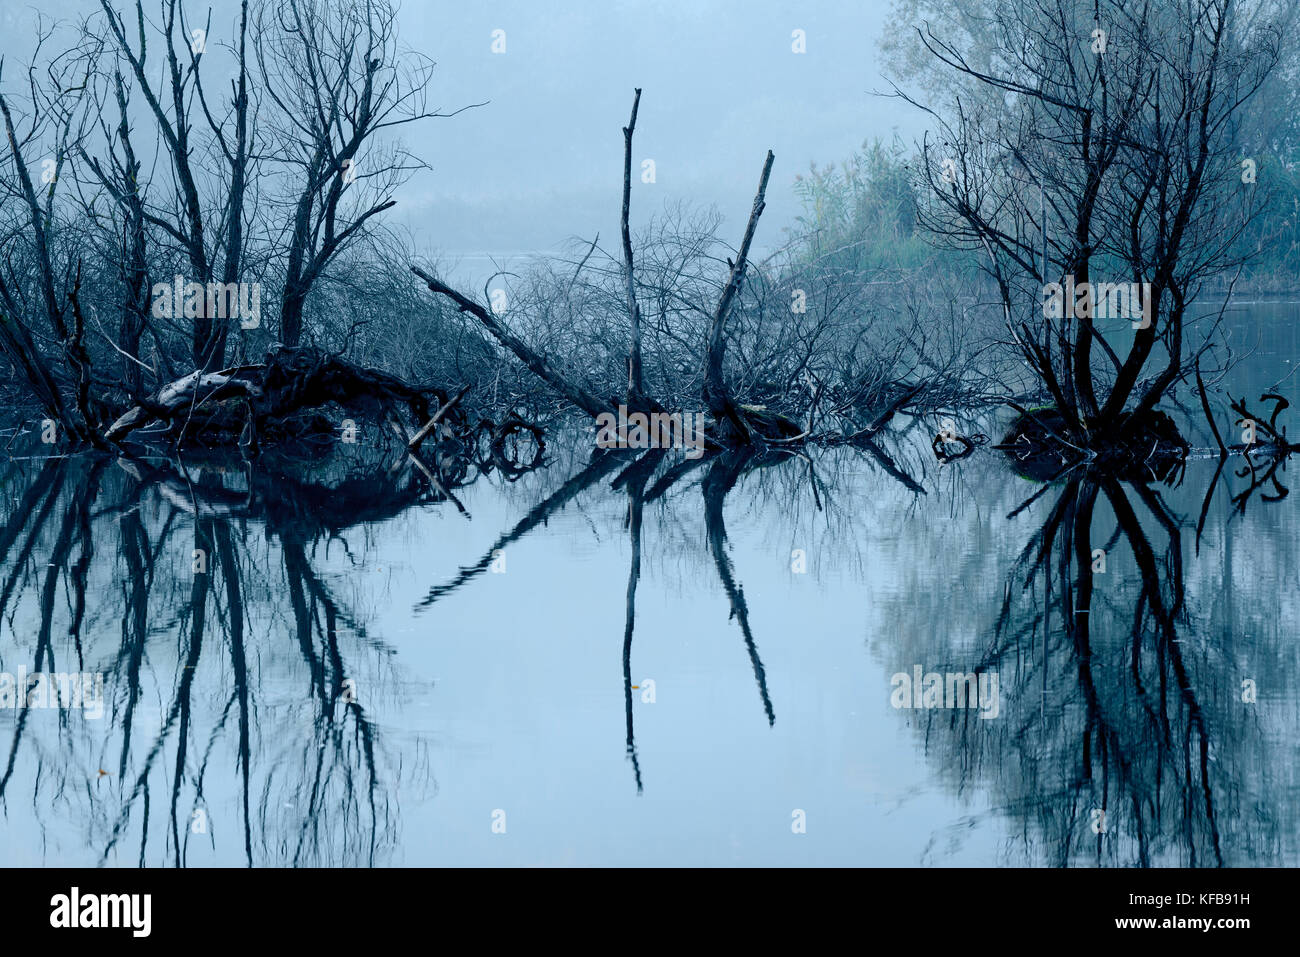 Essiccato a rami di alberi riflessi nell'acqua Immagini Stock